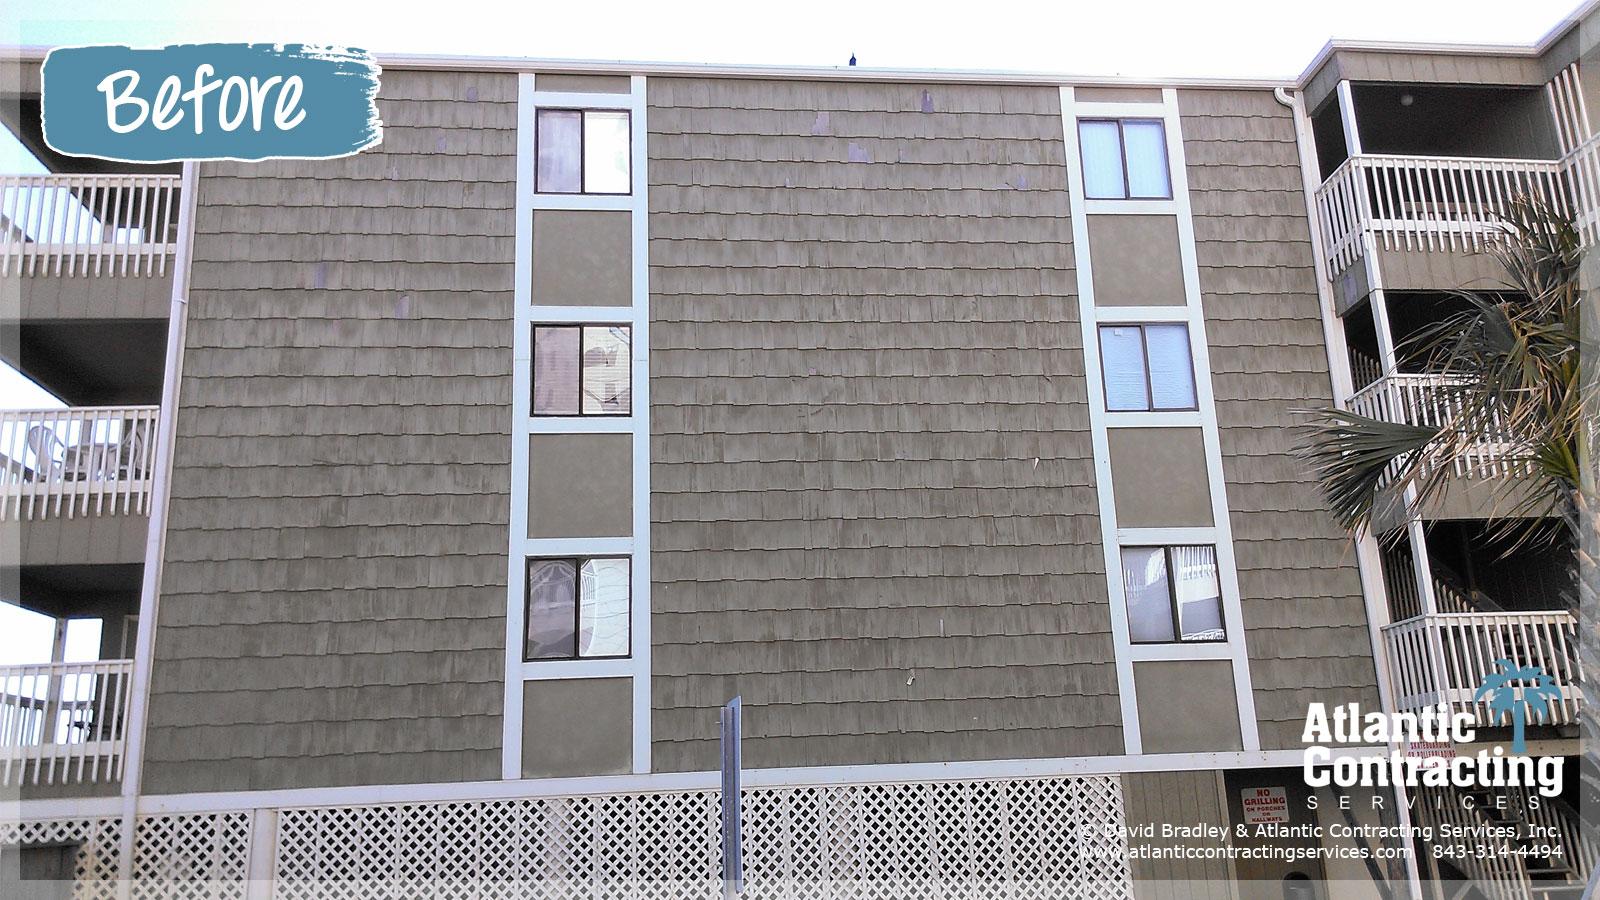 Seahorse Condominiums Atlantic Contracting Services